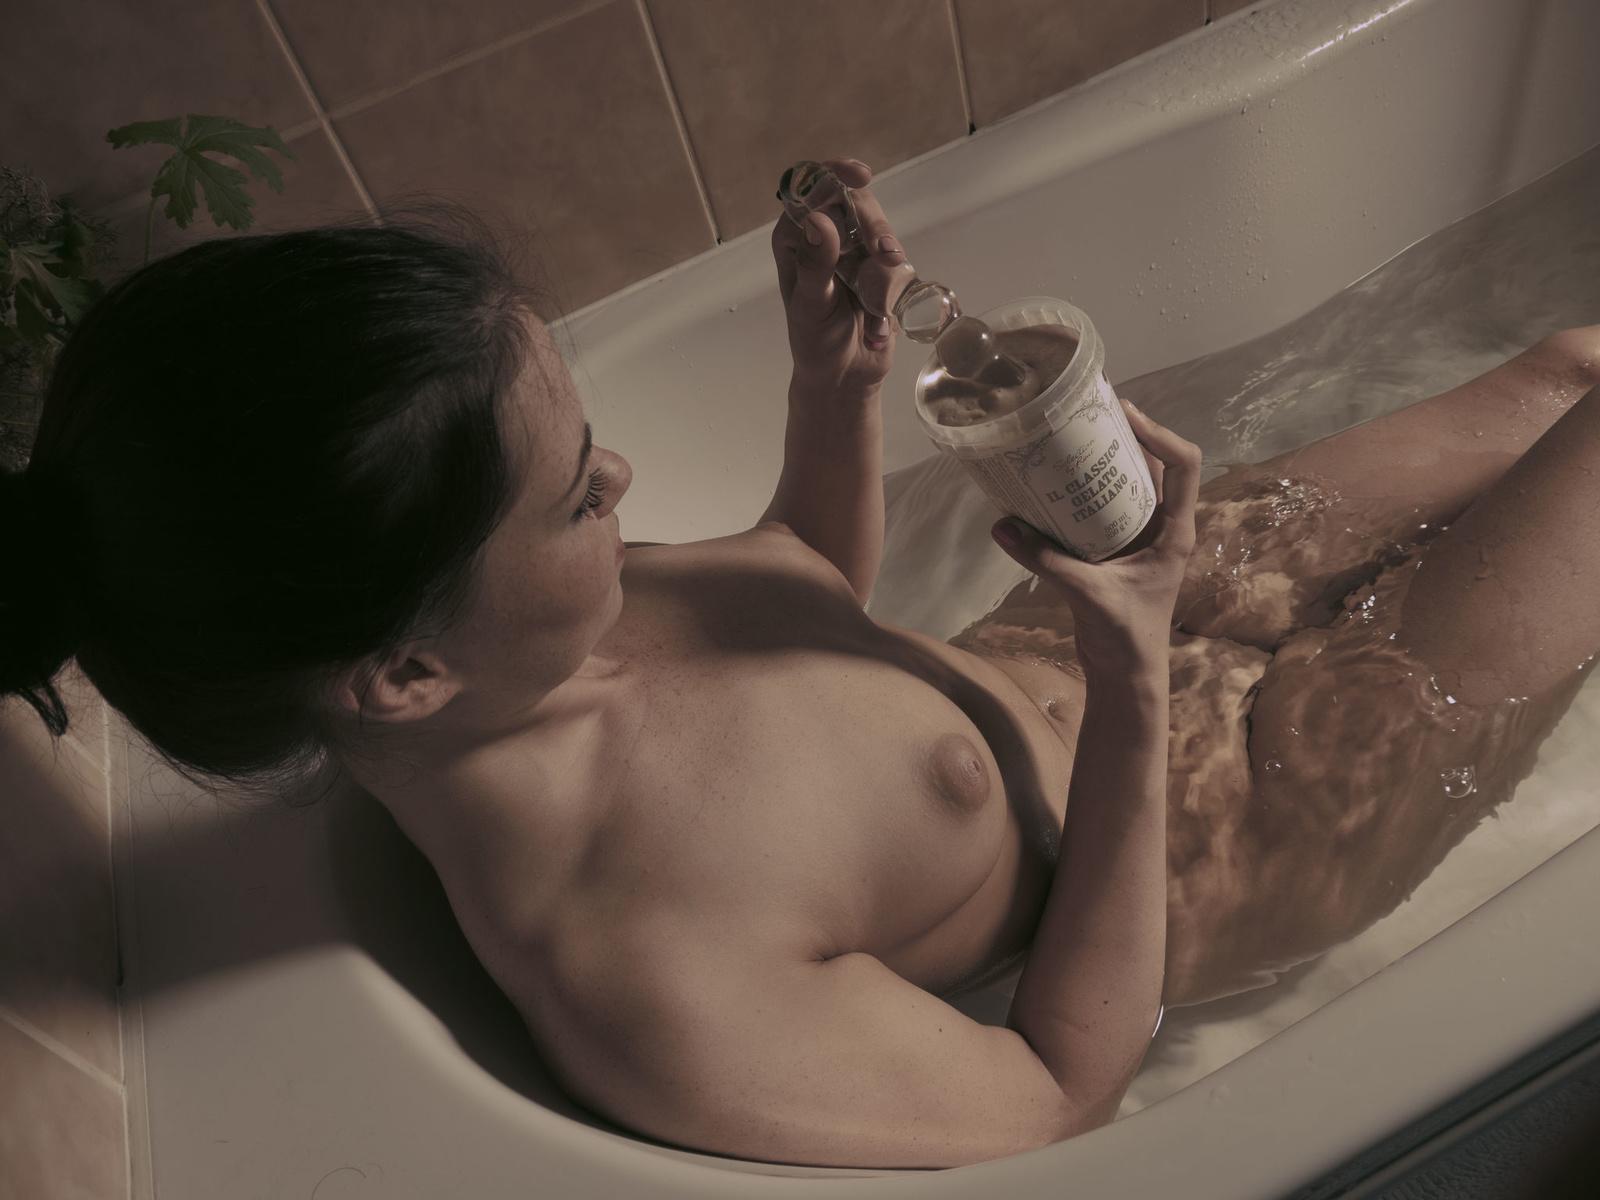 Zdjęcie porno - 021 - Poranna kąpiel